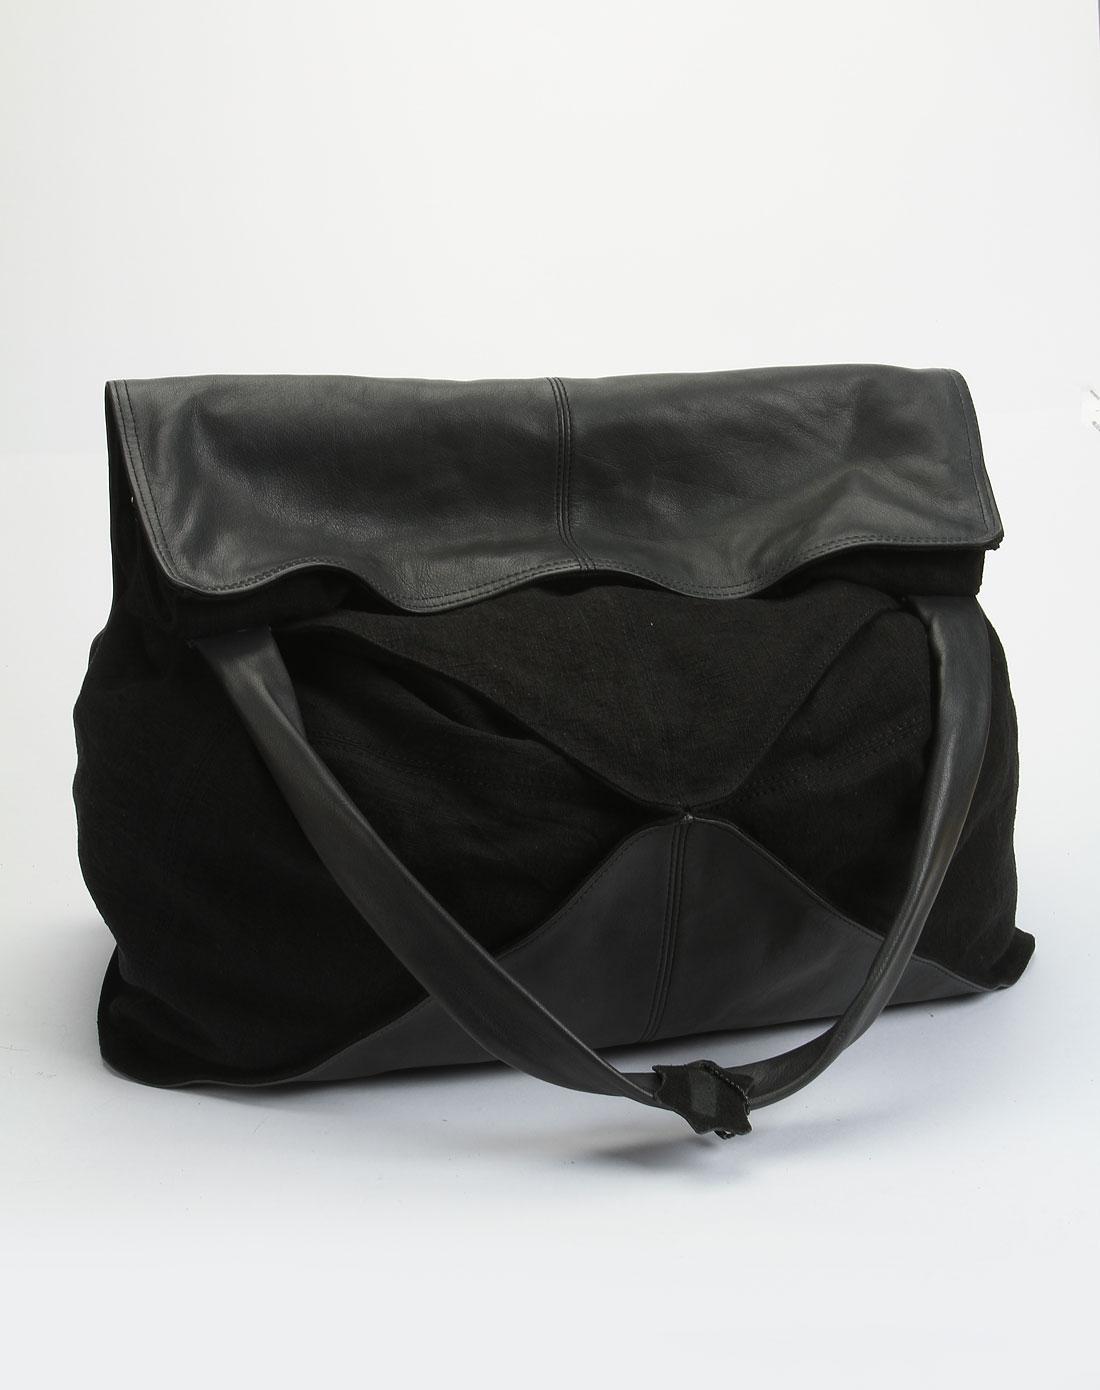 lanafay深灰色时尚单肩包1c007-08